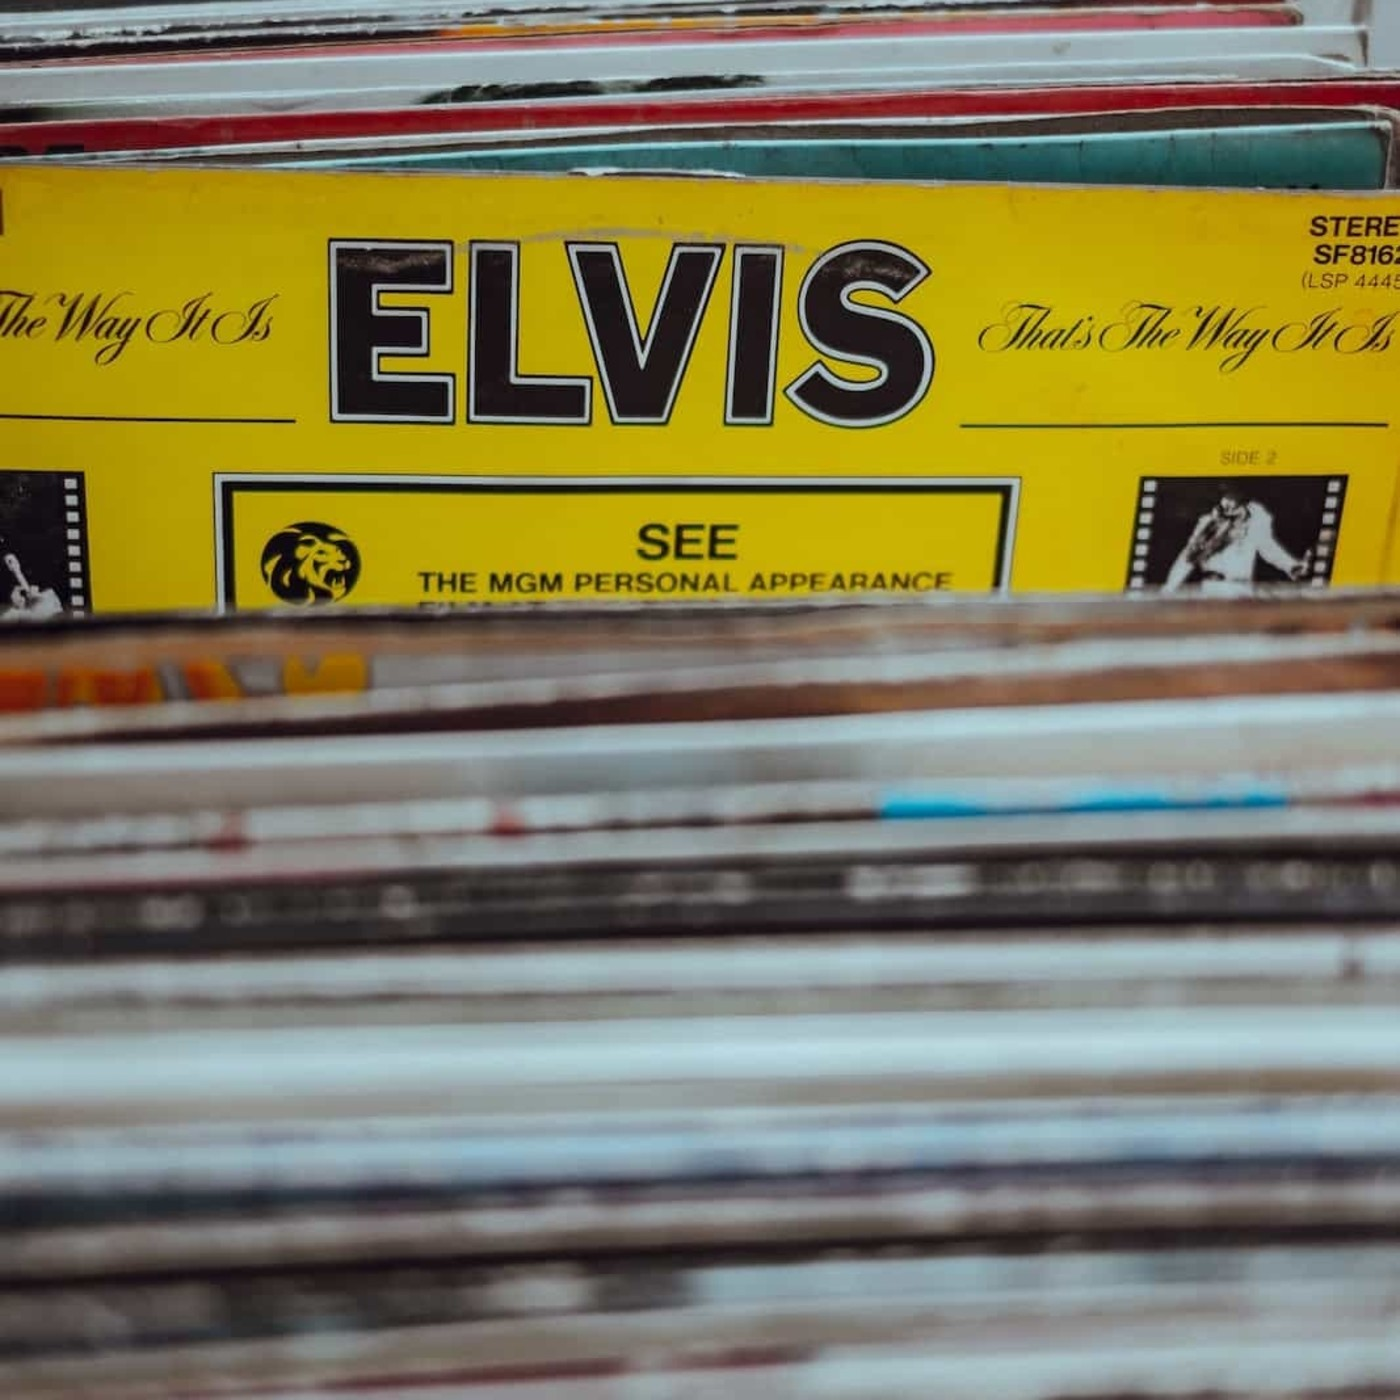 El misterio de la muerte de Elvis Presley